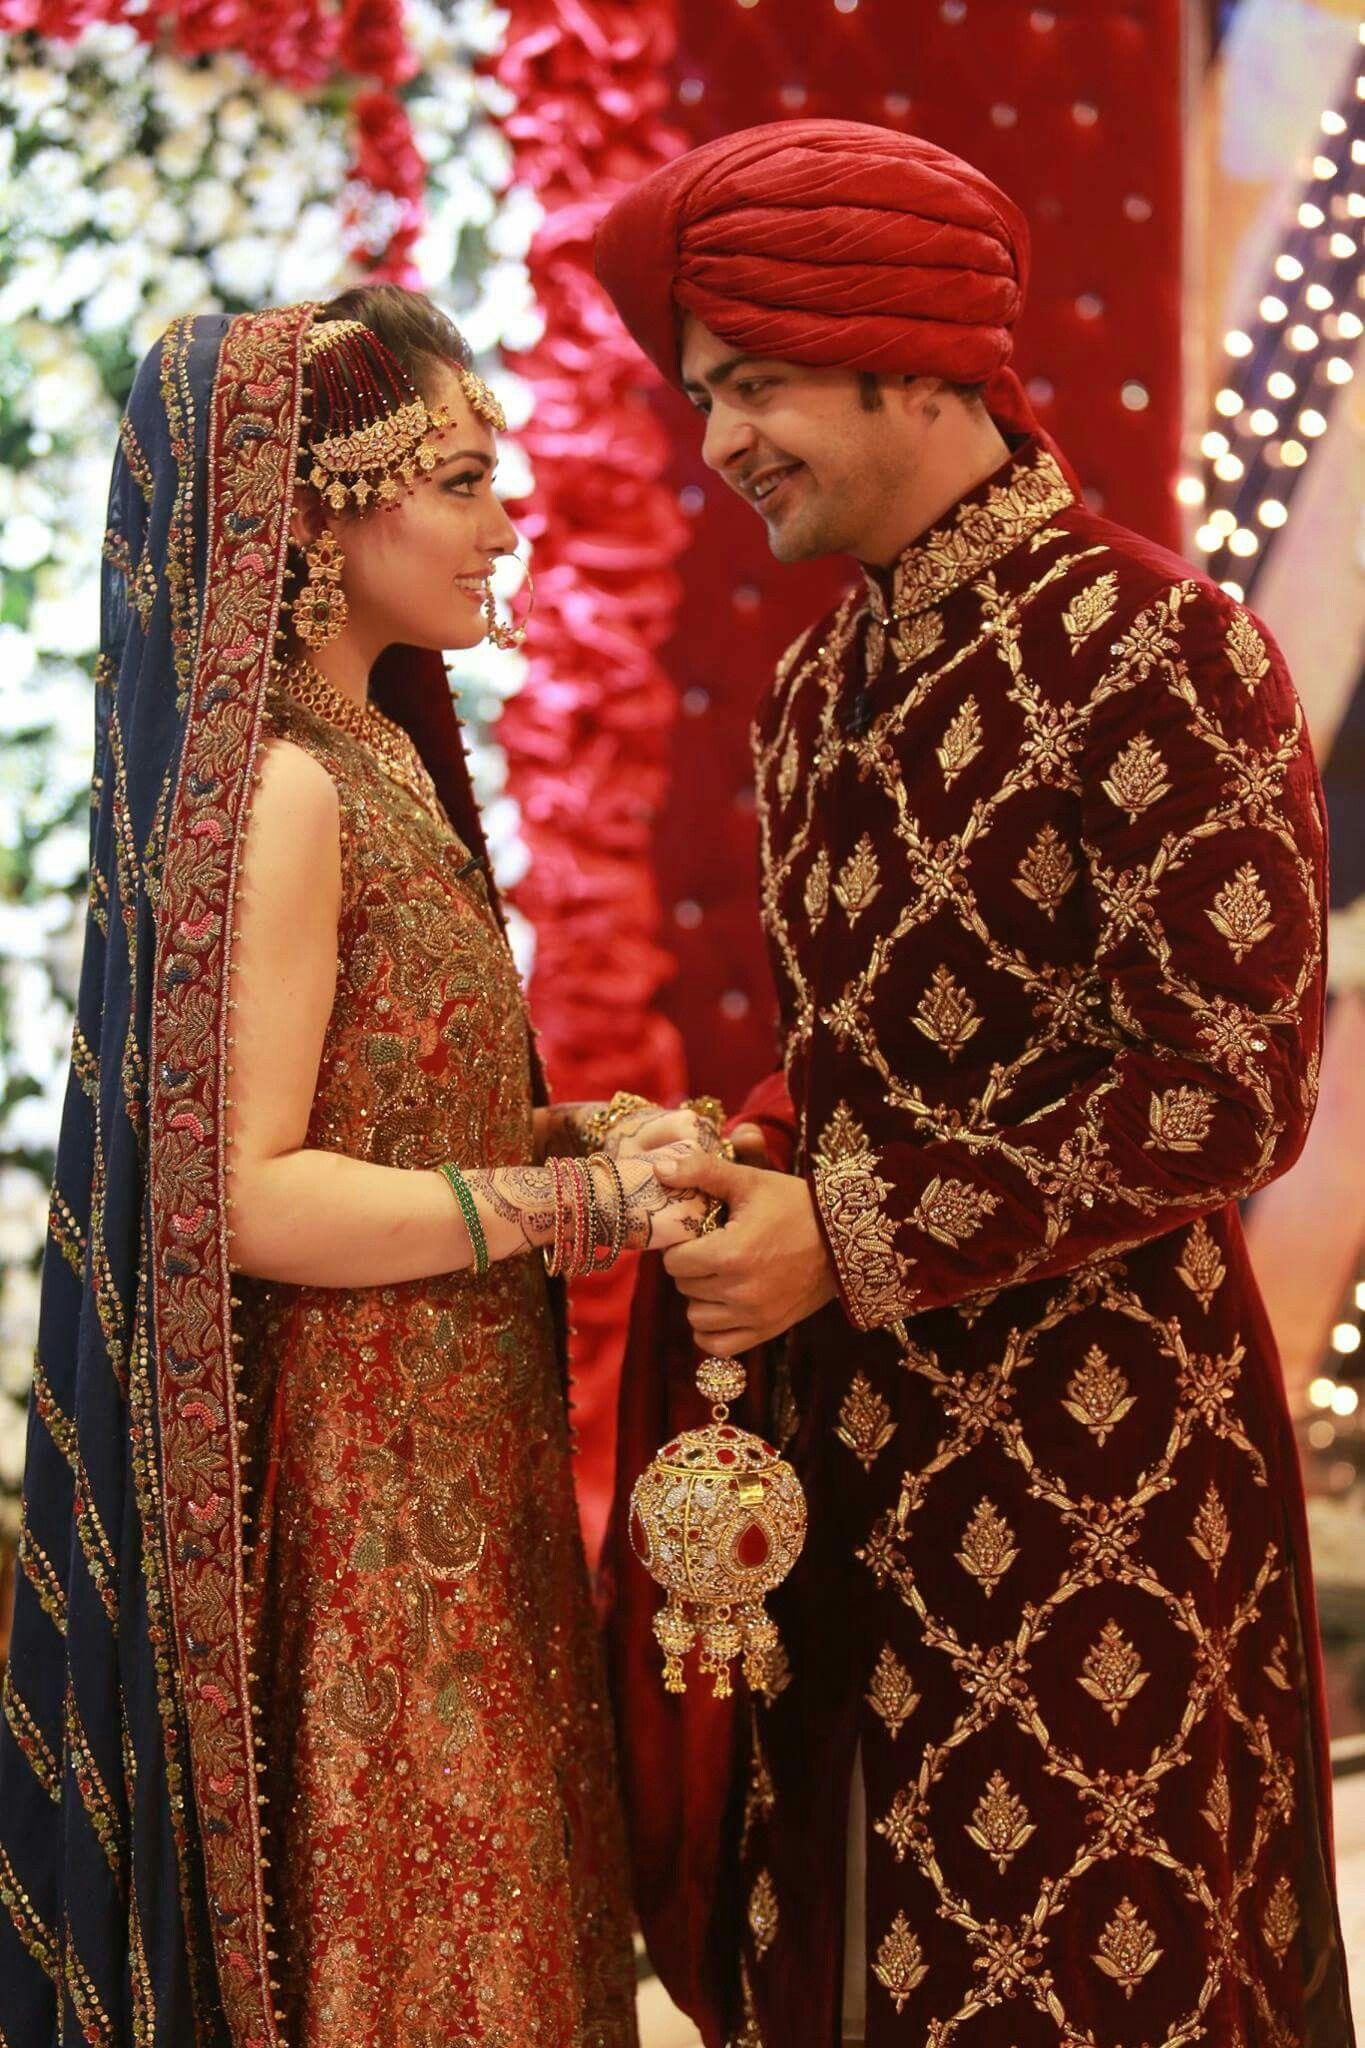 Hassanツ😍😘 Pakistani wedding dresses, Bollywood wedding